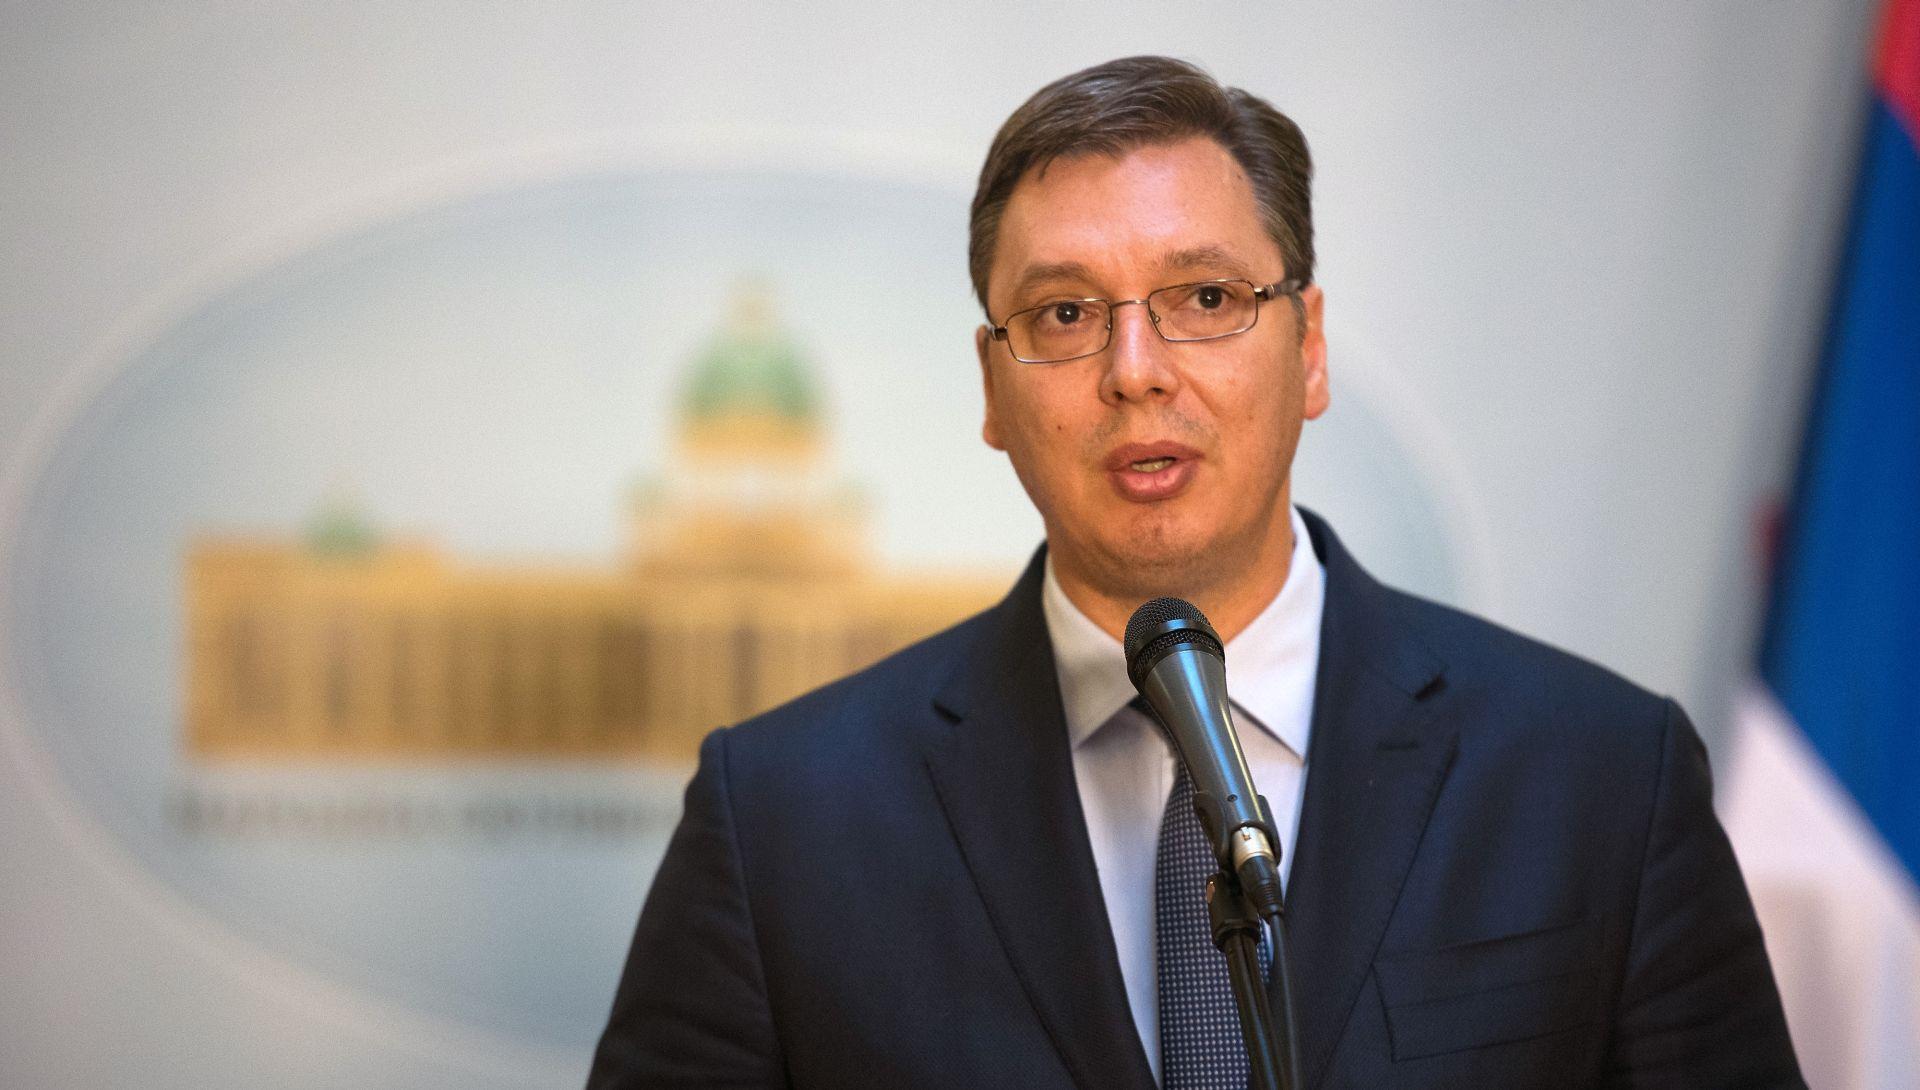 SRBIJANSKI MEDIJI Vučić otkazao posjet Bruxellesu i razgovore s dužnosnicma SAD-a